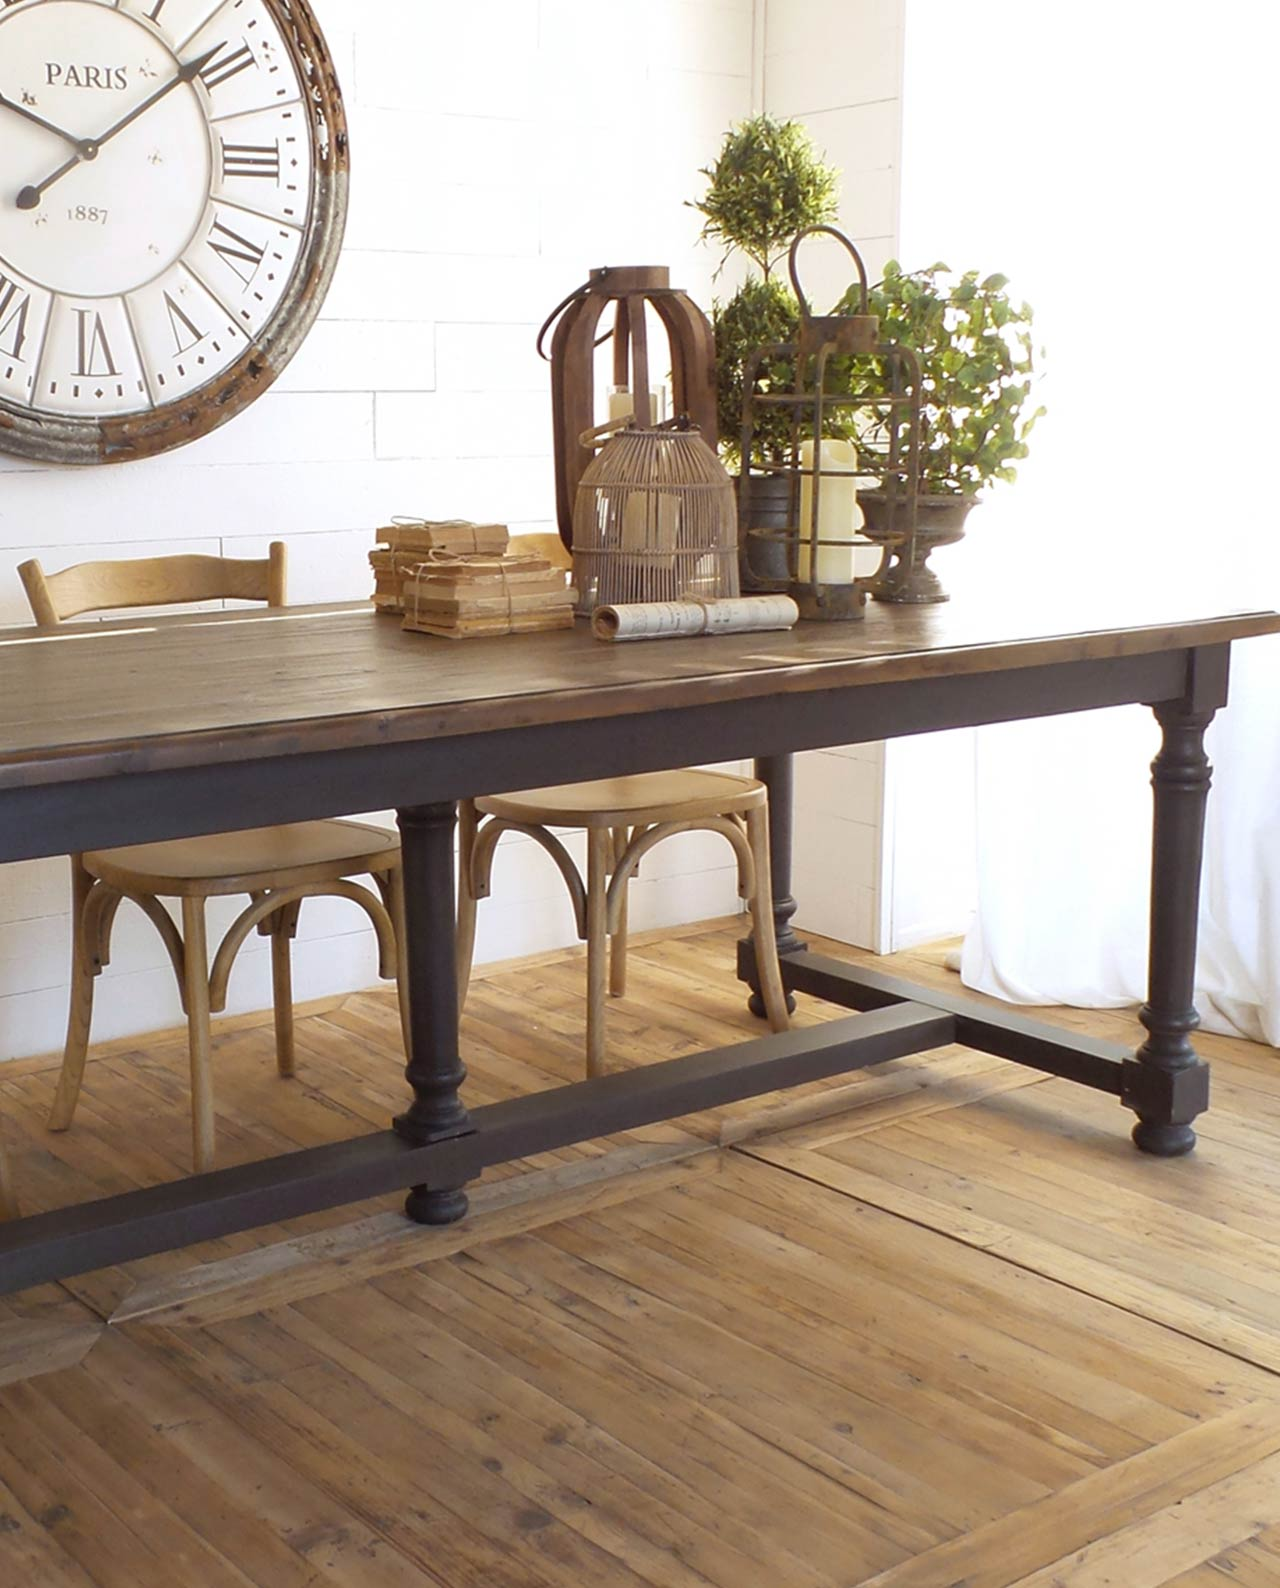 Tavolo da sala da pranzo in legno di pino - Mobilia Store Home ...